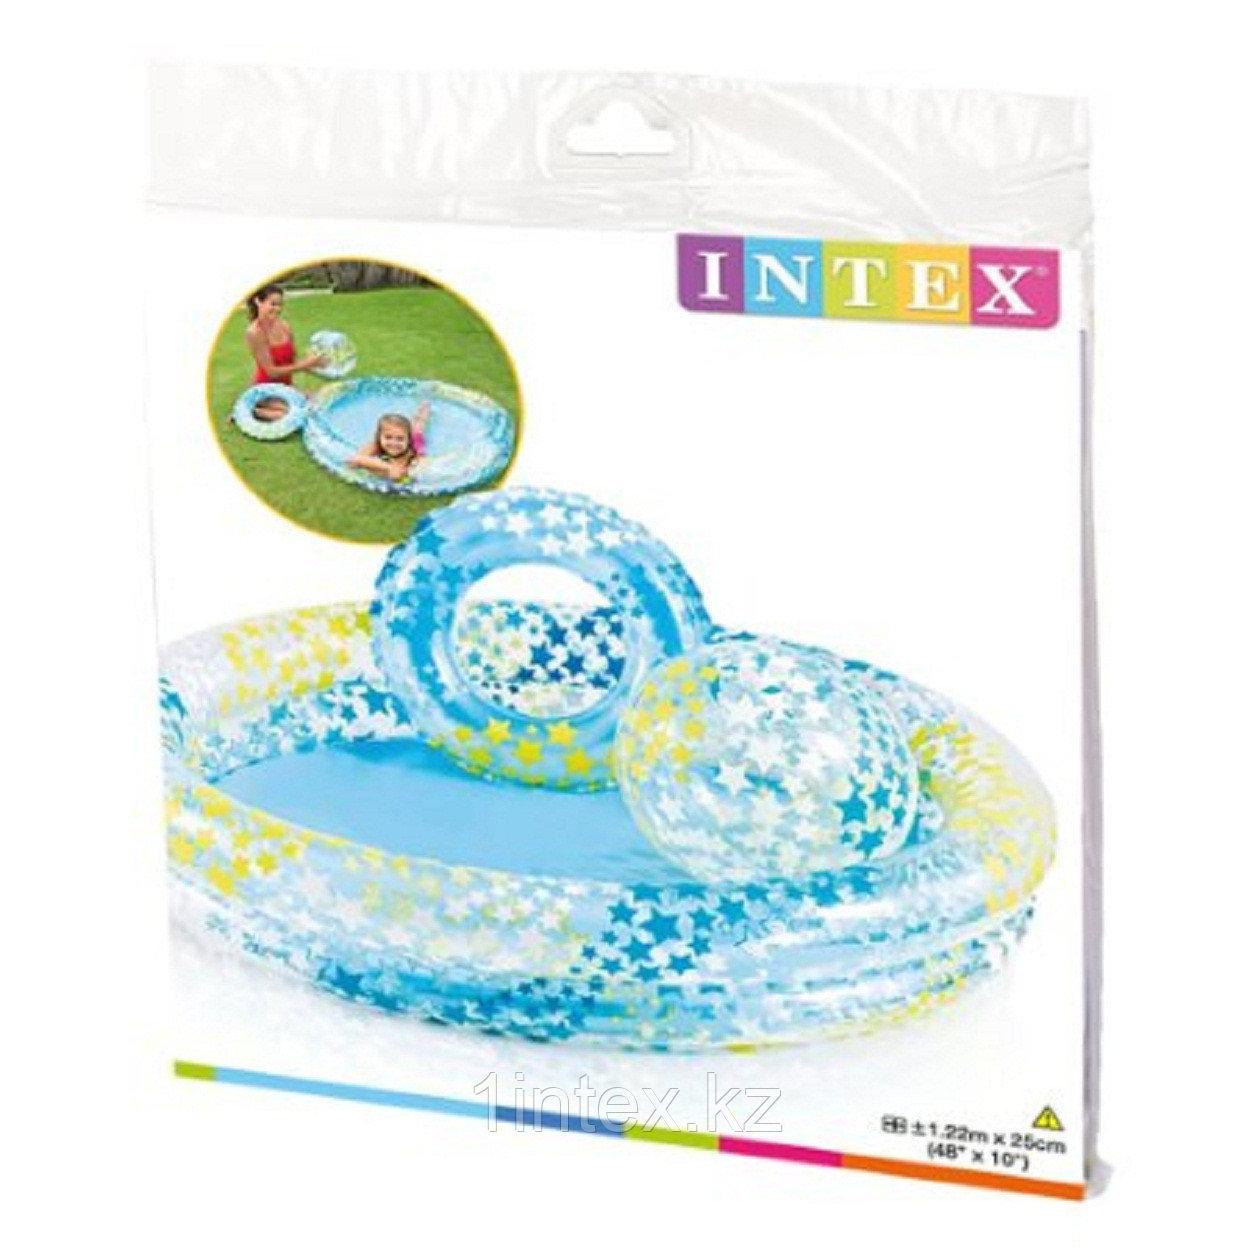 Детский надувной бассейн Intex , 122х25 см